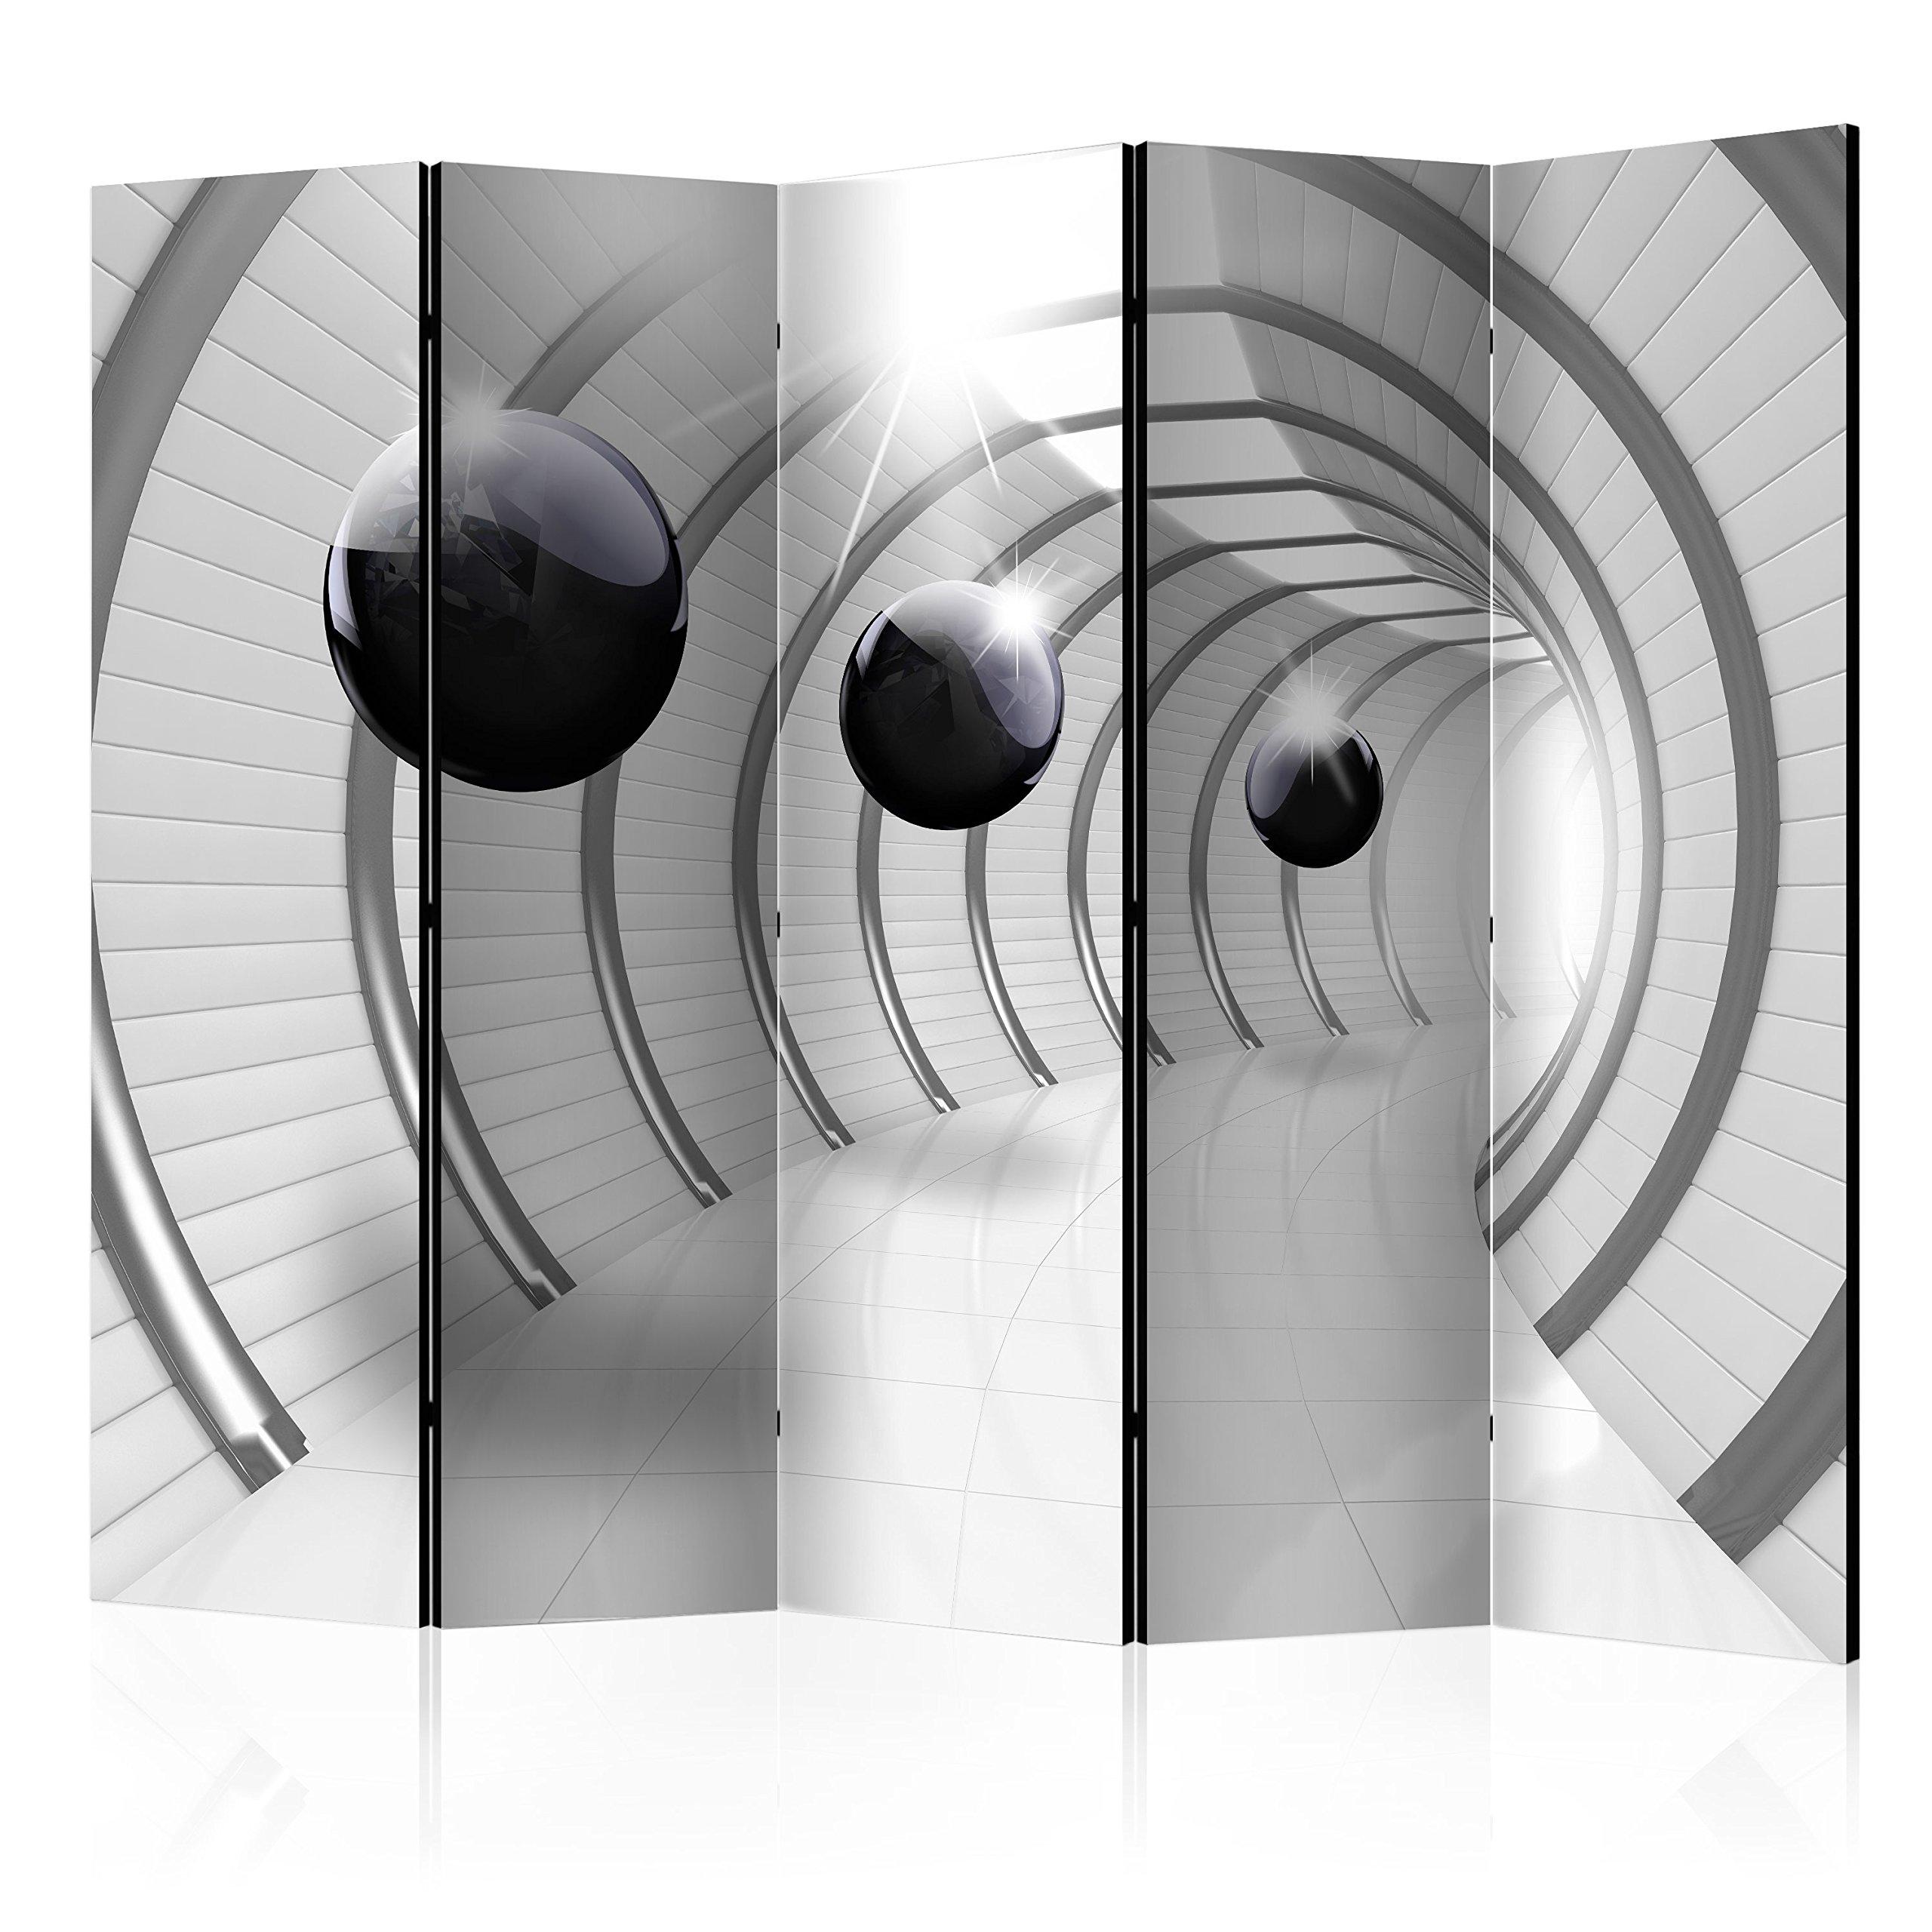 Biombo decorativo plegable murando, separador de habitación, #21, XXL: 5 x 172x45 cm double-sided: Amazon.es: Hogar